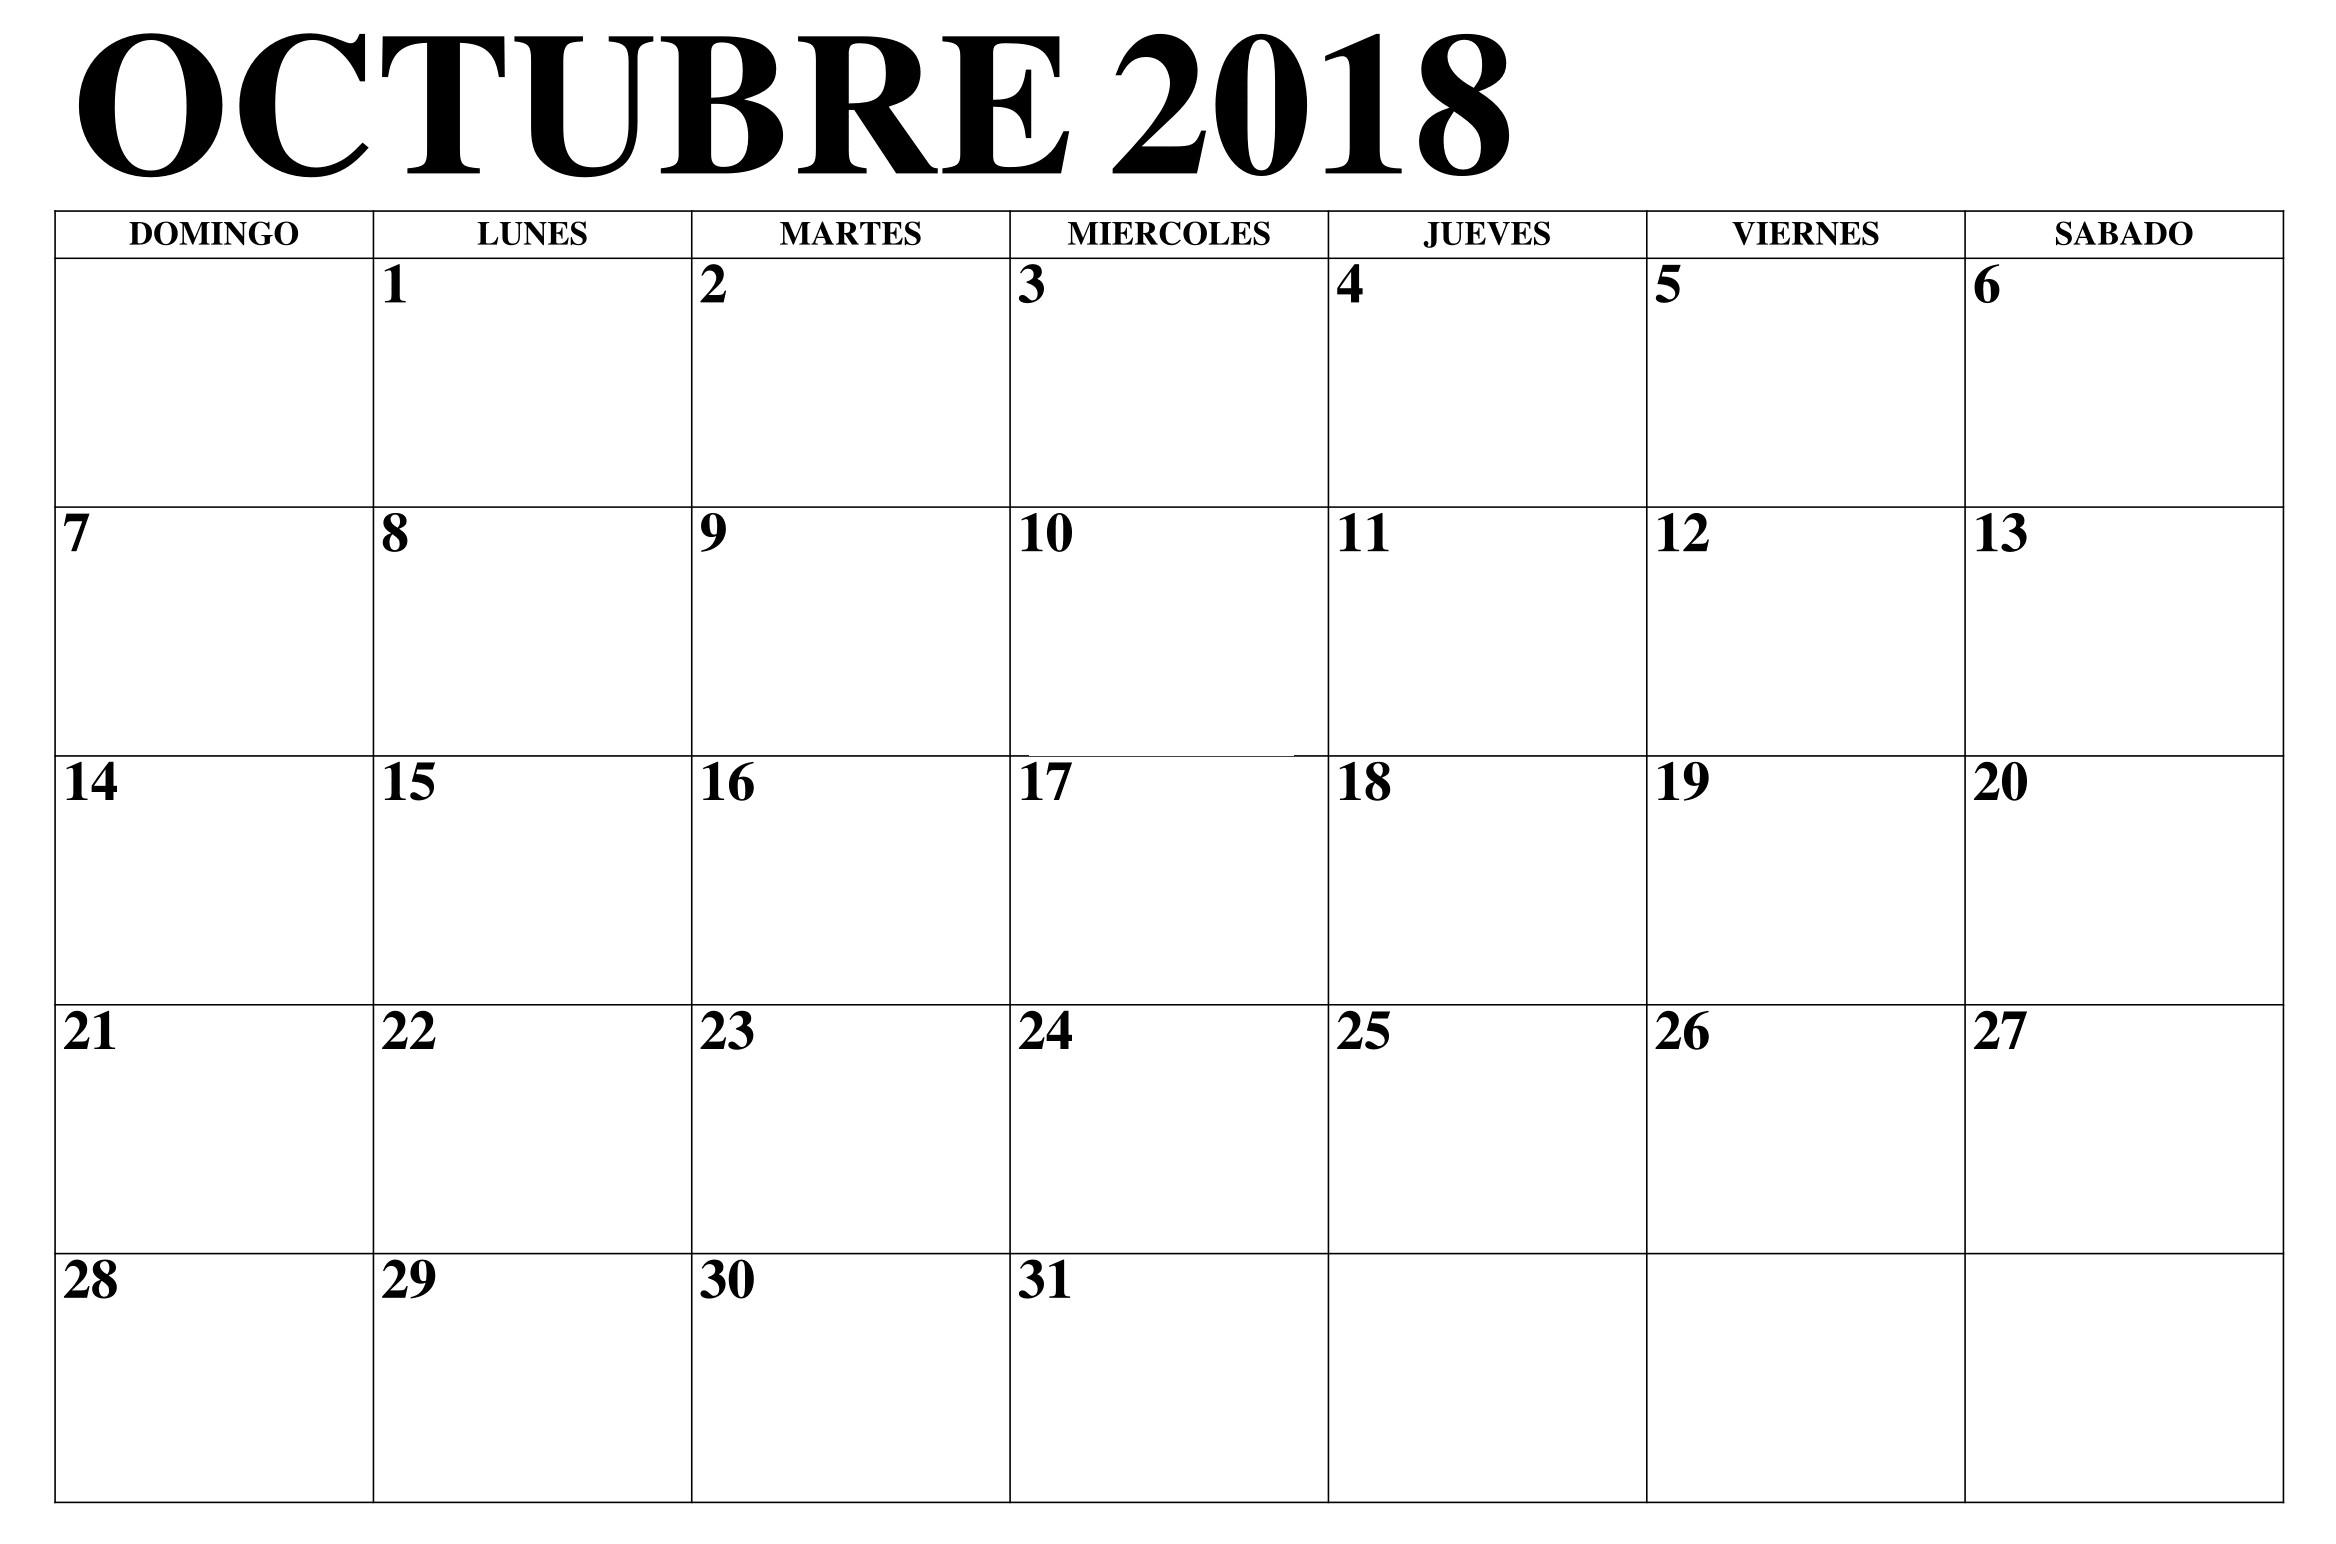 Calendario Febrero 2018 Con Dibujos Más Arriba-a-fecha Best Calendario Del Mes De Octubre 2018 Image Collection Of Calendario Febrero 2018 Con Dibujos Más Actual Imagenes De Calendarios Calendario Para Imprimir Abril